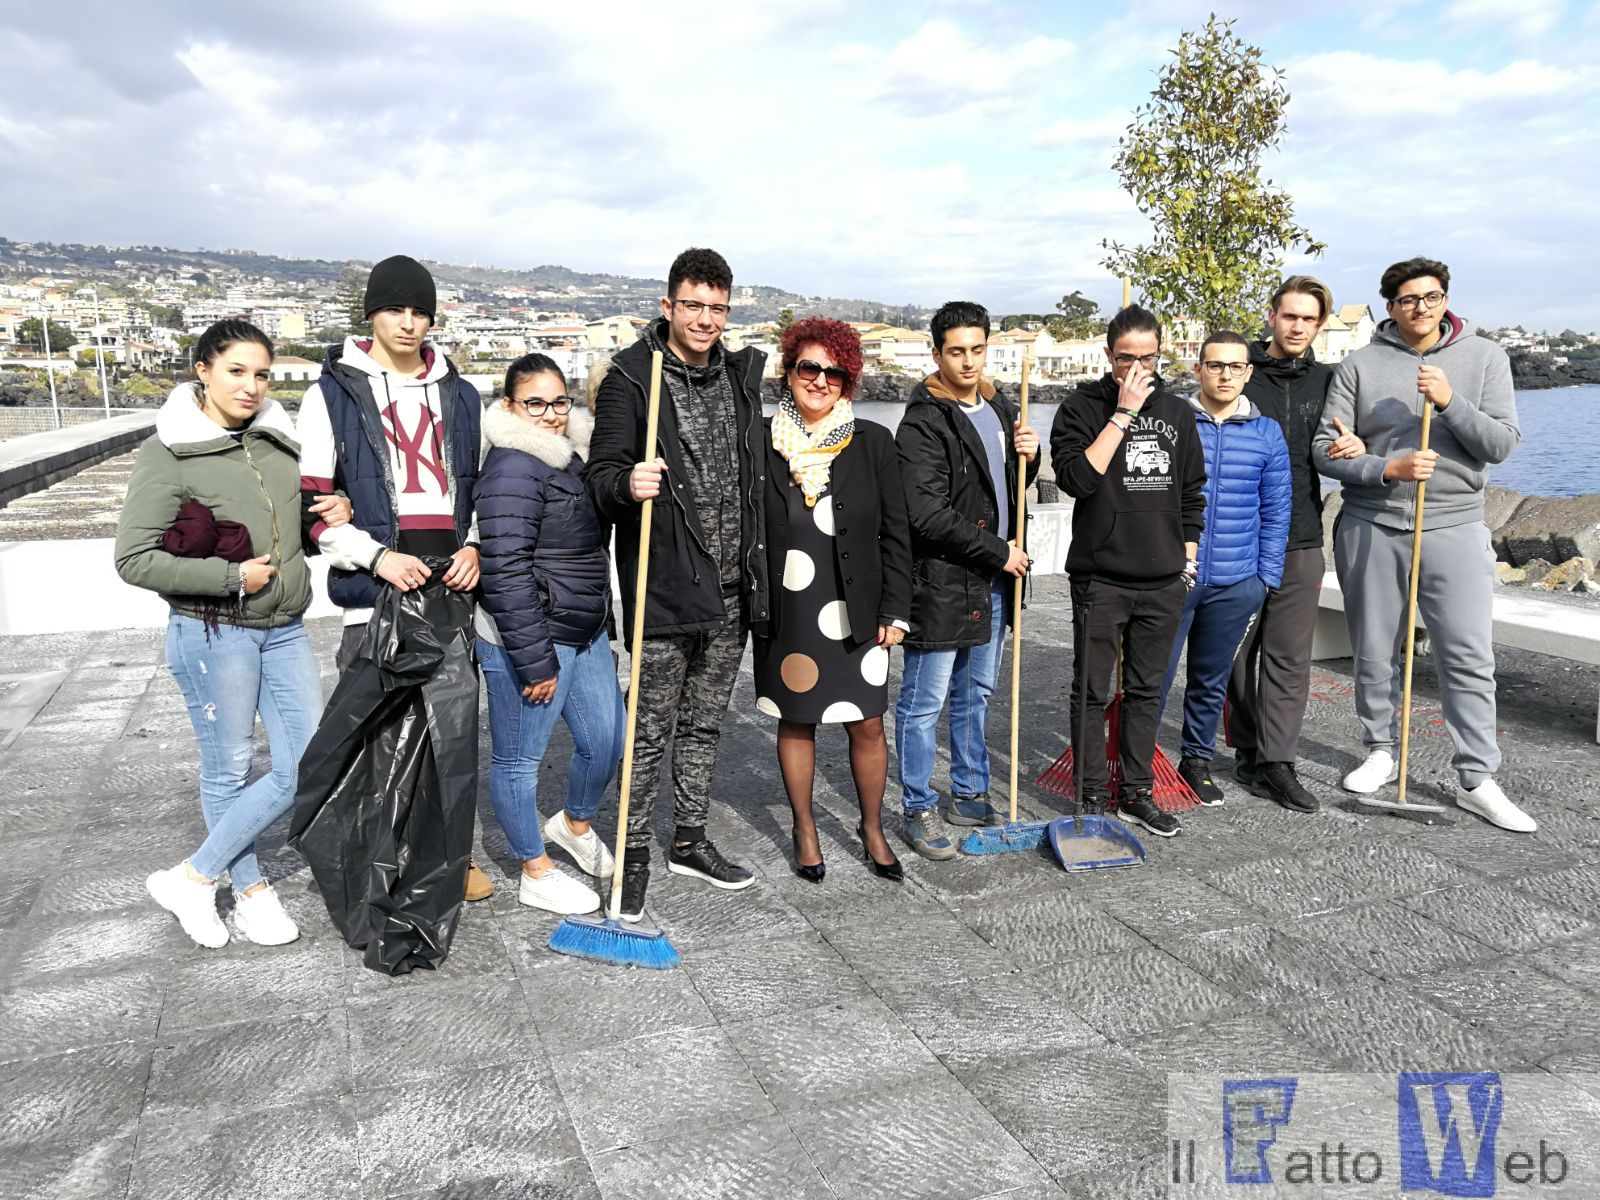 """Studenti """"Politecnico del Mare Duca degli Abruzzi"""" ripuliscono piazzetta Ognina vandalizzata dai teppisti"""